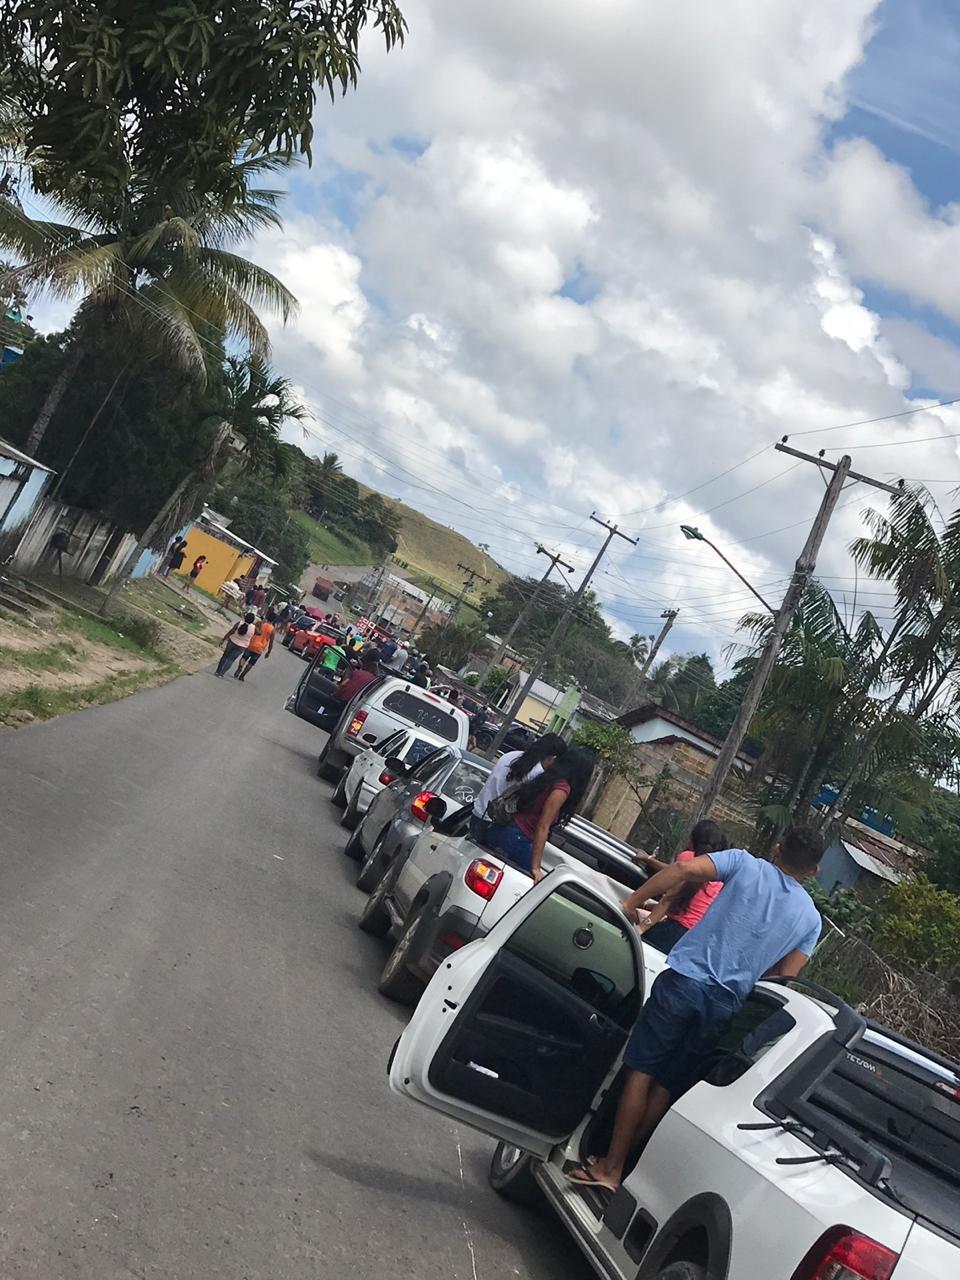 Moradores de Pacaraima cobram segurança na fronteira com a Venezuela em manifestação  - Notícias - Plantão Diário